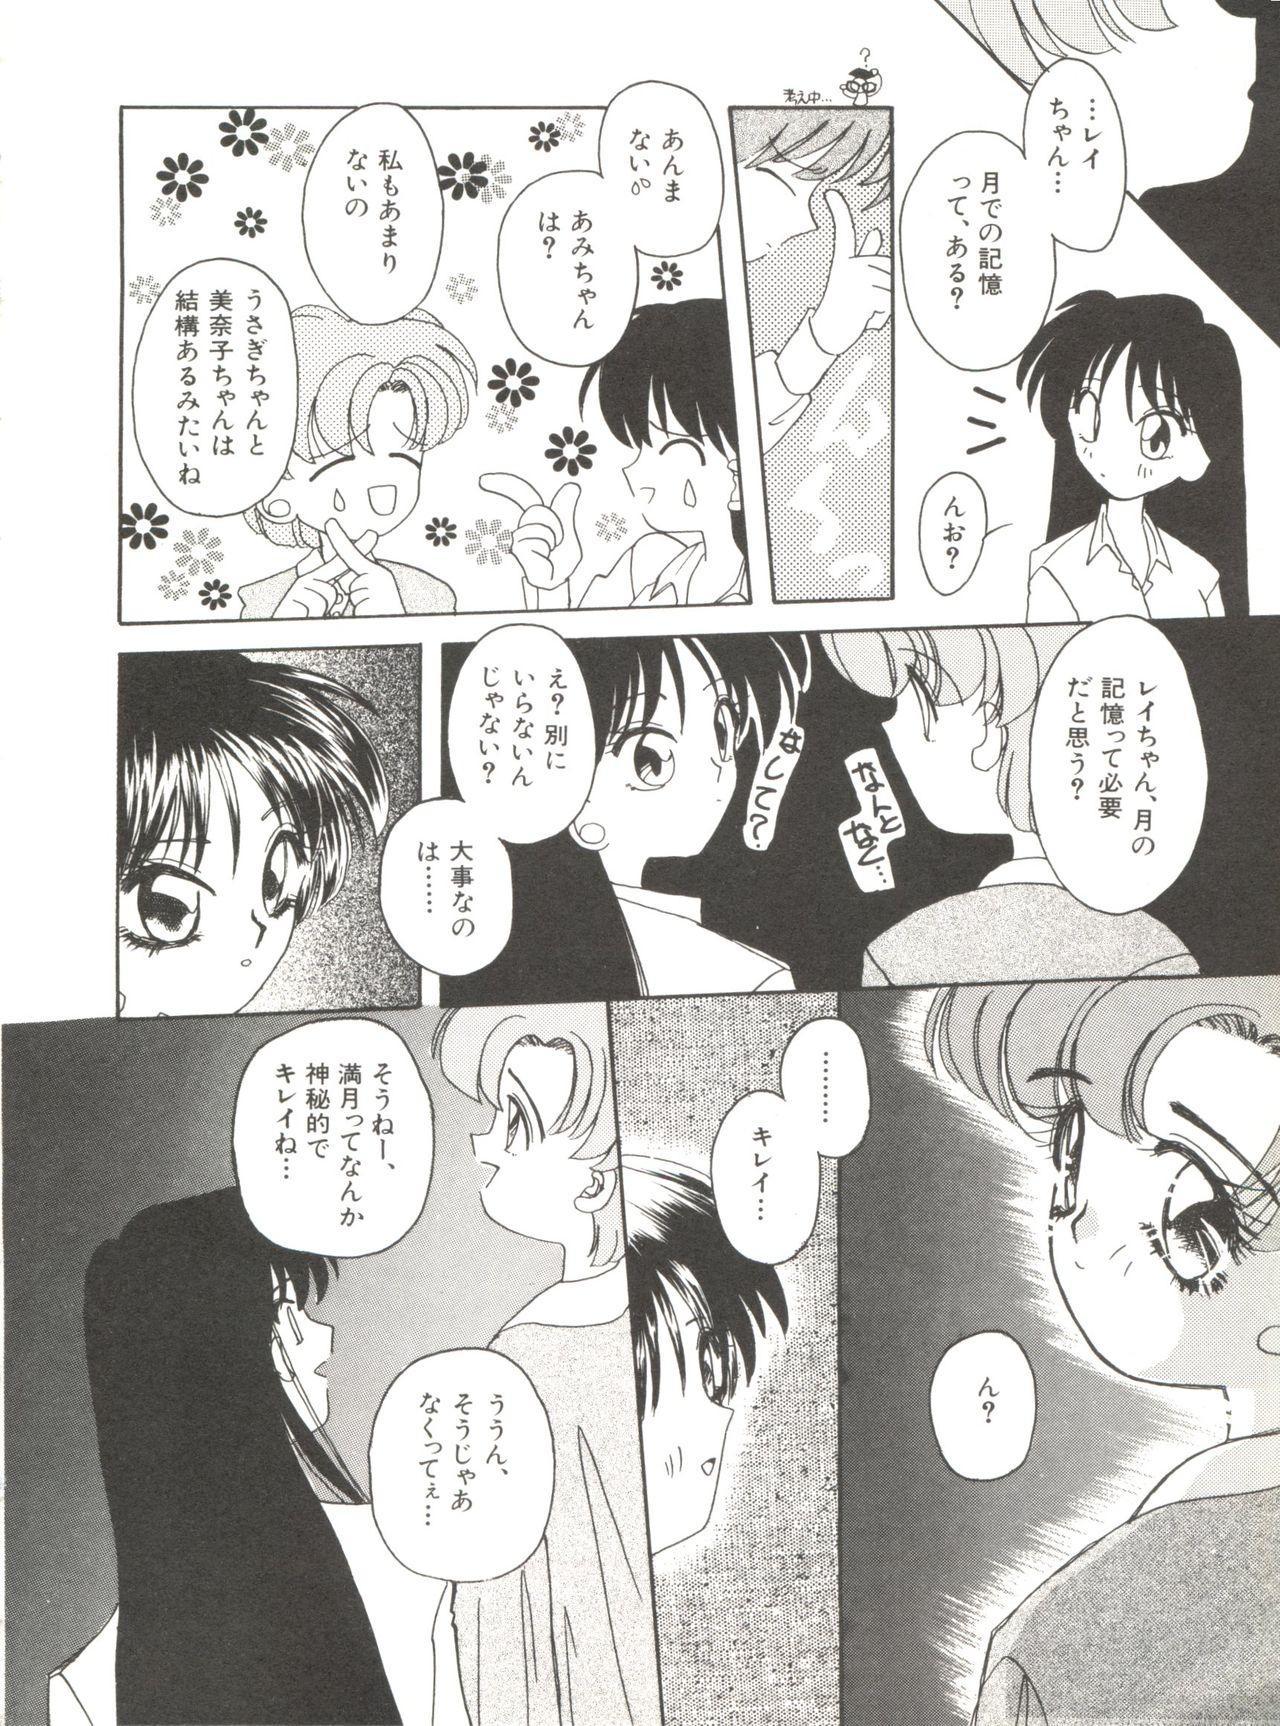 Bishoujo Doujinshi Anthology 12 - Moon Paradise 7 Tsuki no Rakuen 88